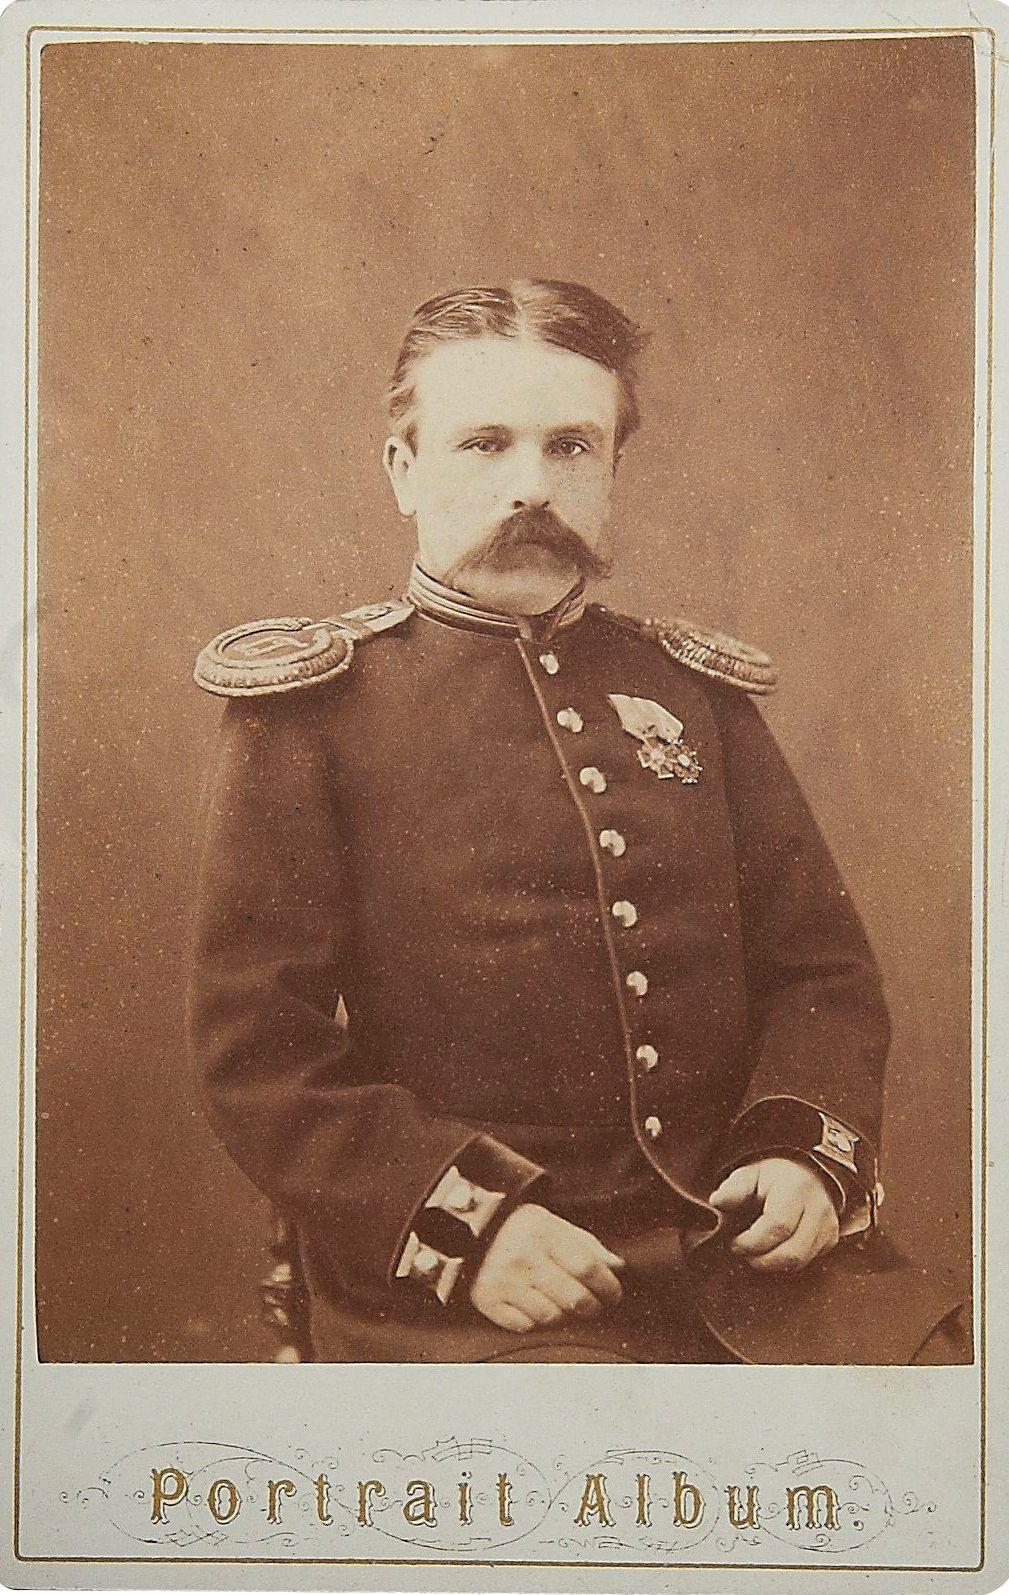 Фото капитана 1-го Конно-горного артиллерийского парка.  1870-е